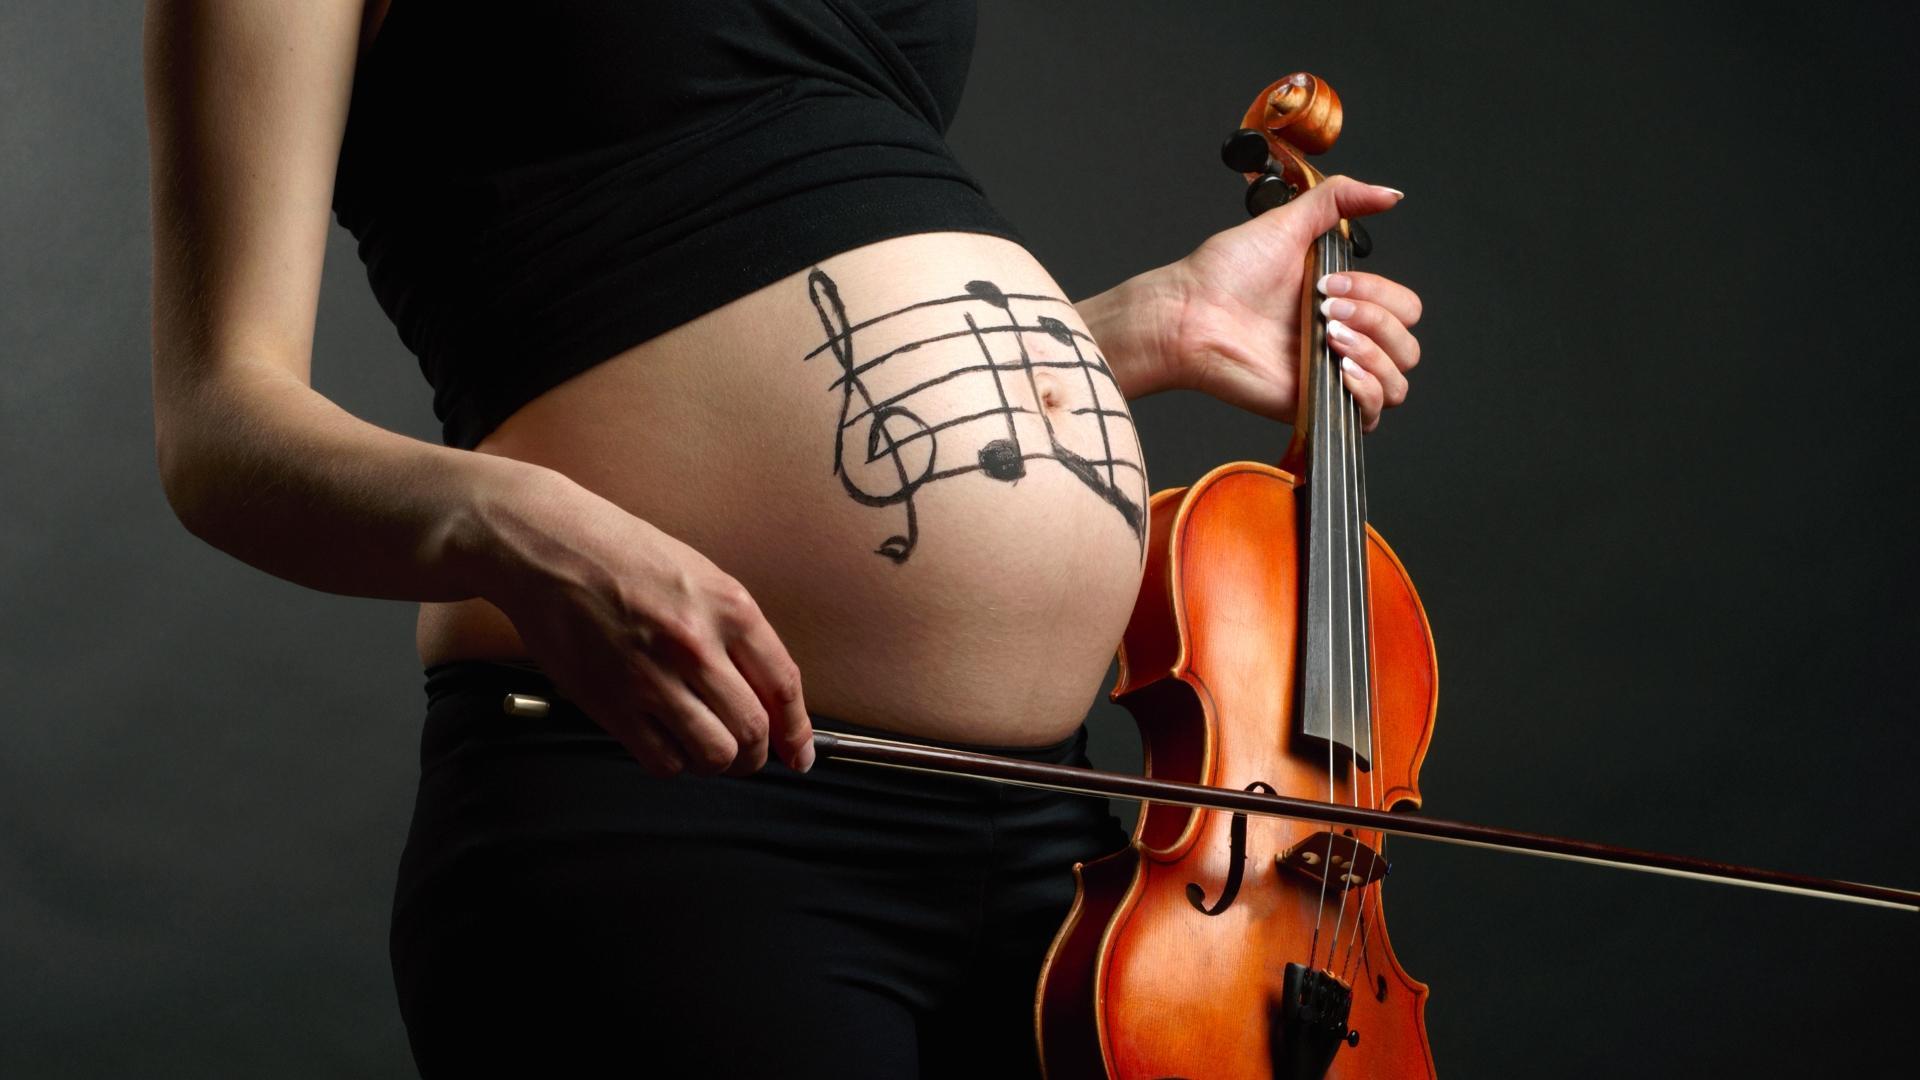 Физиологические основы «эффекта Моцарта» существуют